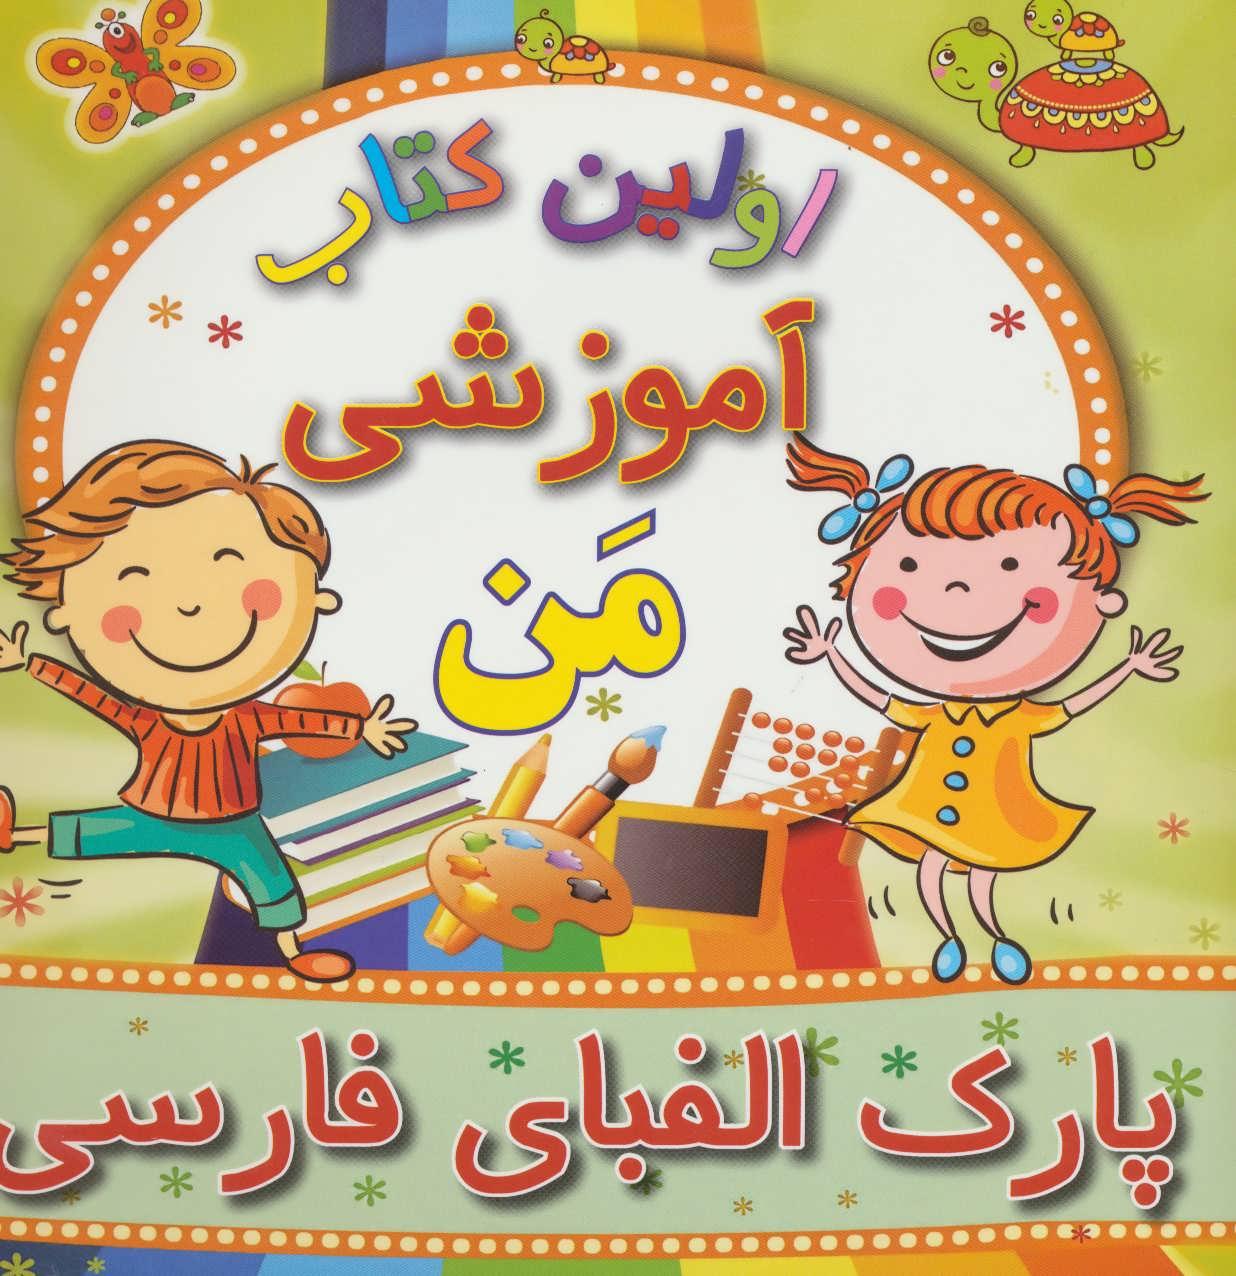 اولین کتاب آموزشی من (پارک الفبای فارسی)